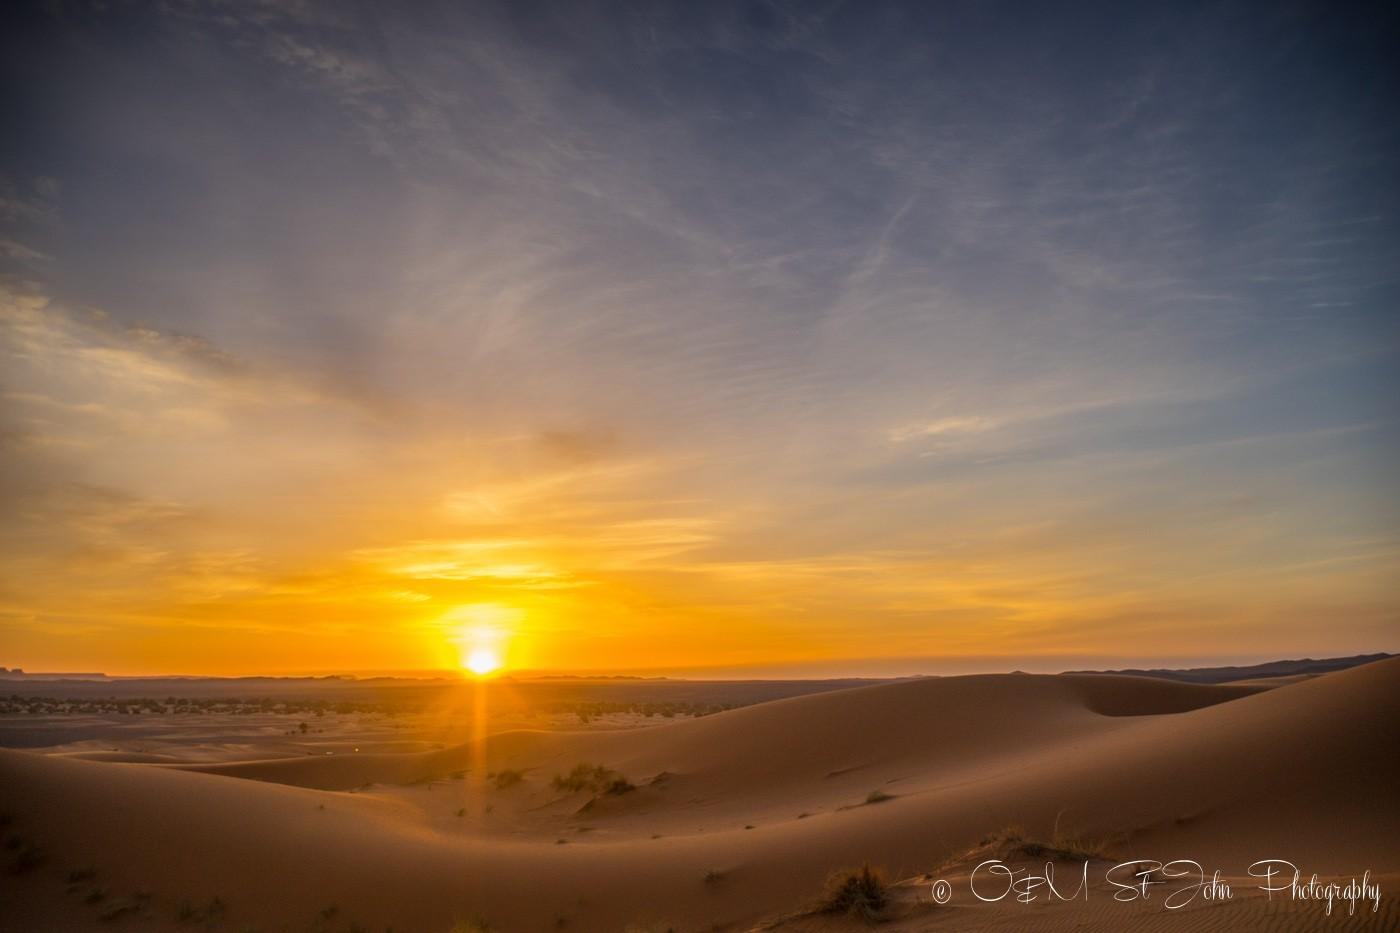 Sunrise in Erg Chebbi, Sahara Desert. Morocco